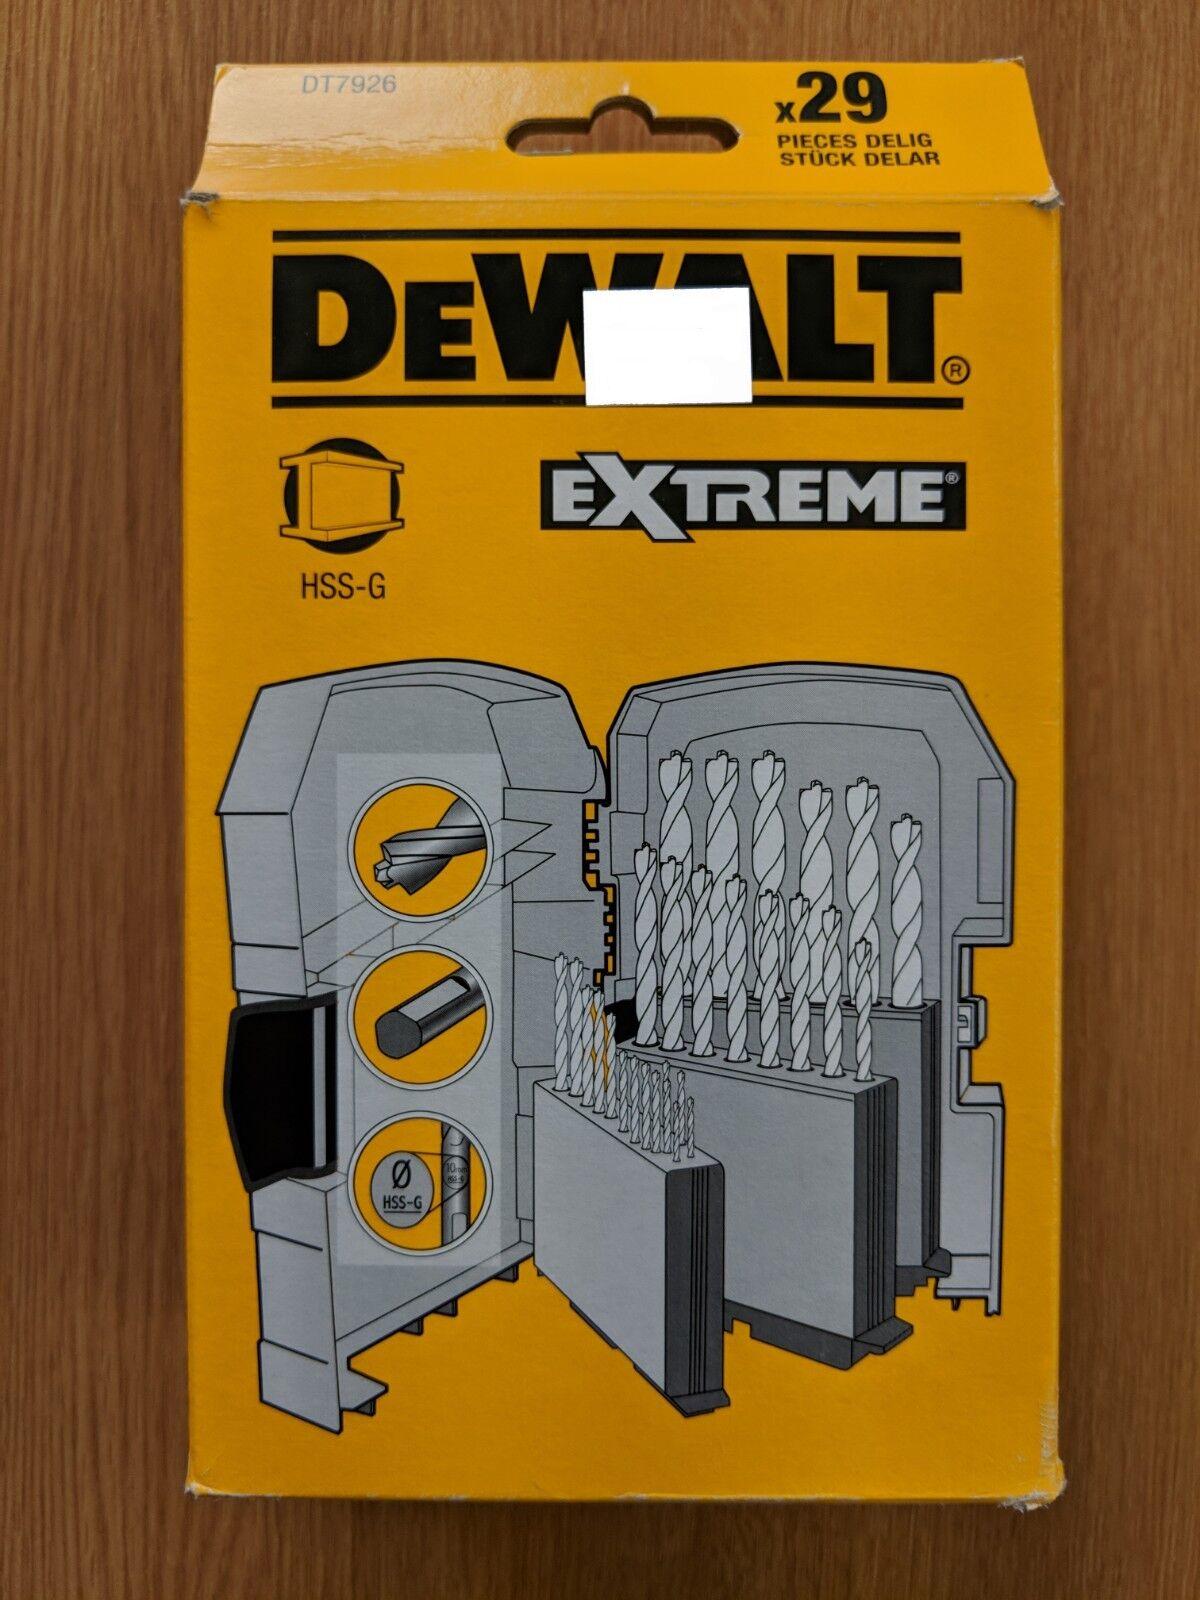 Dewalt DT7926-XJ 29pc Extreme HSS-G Drill Bit Set